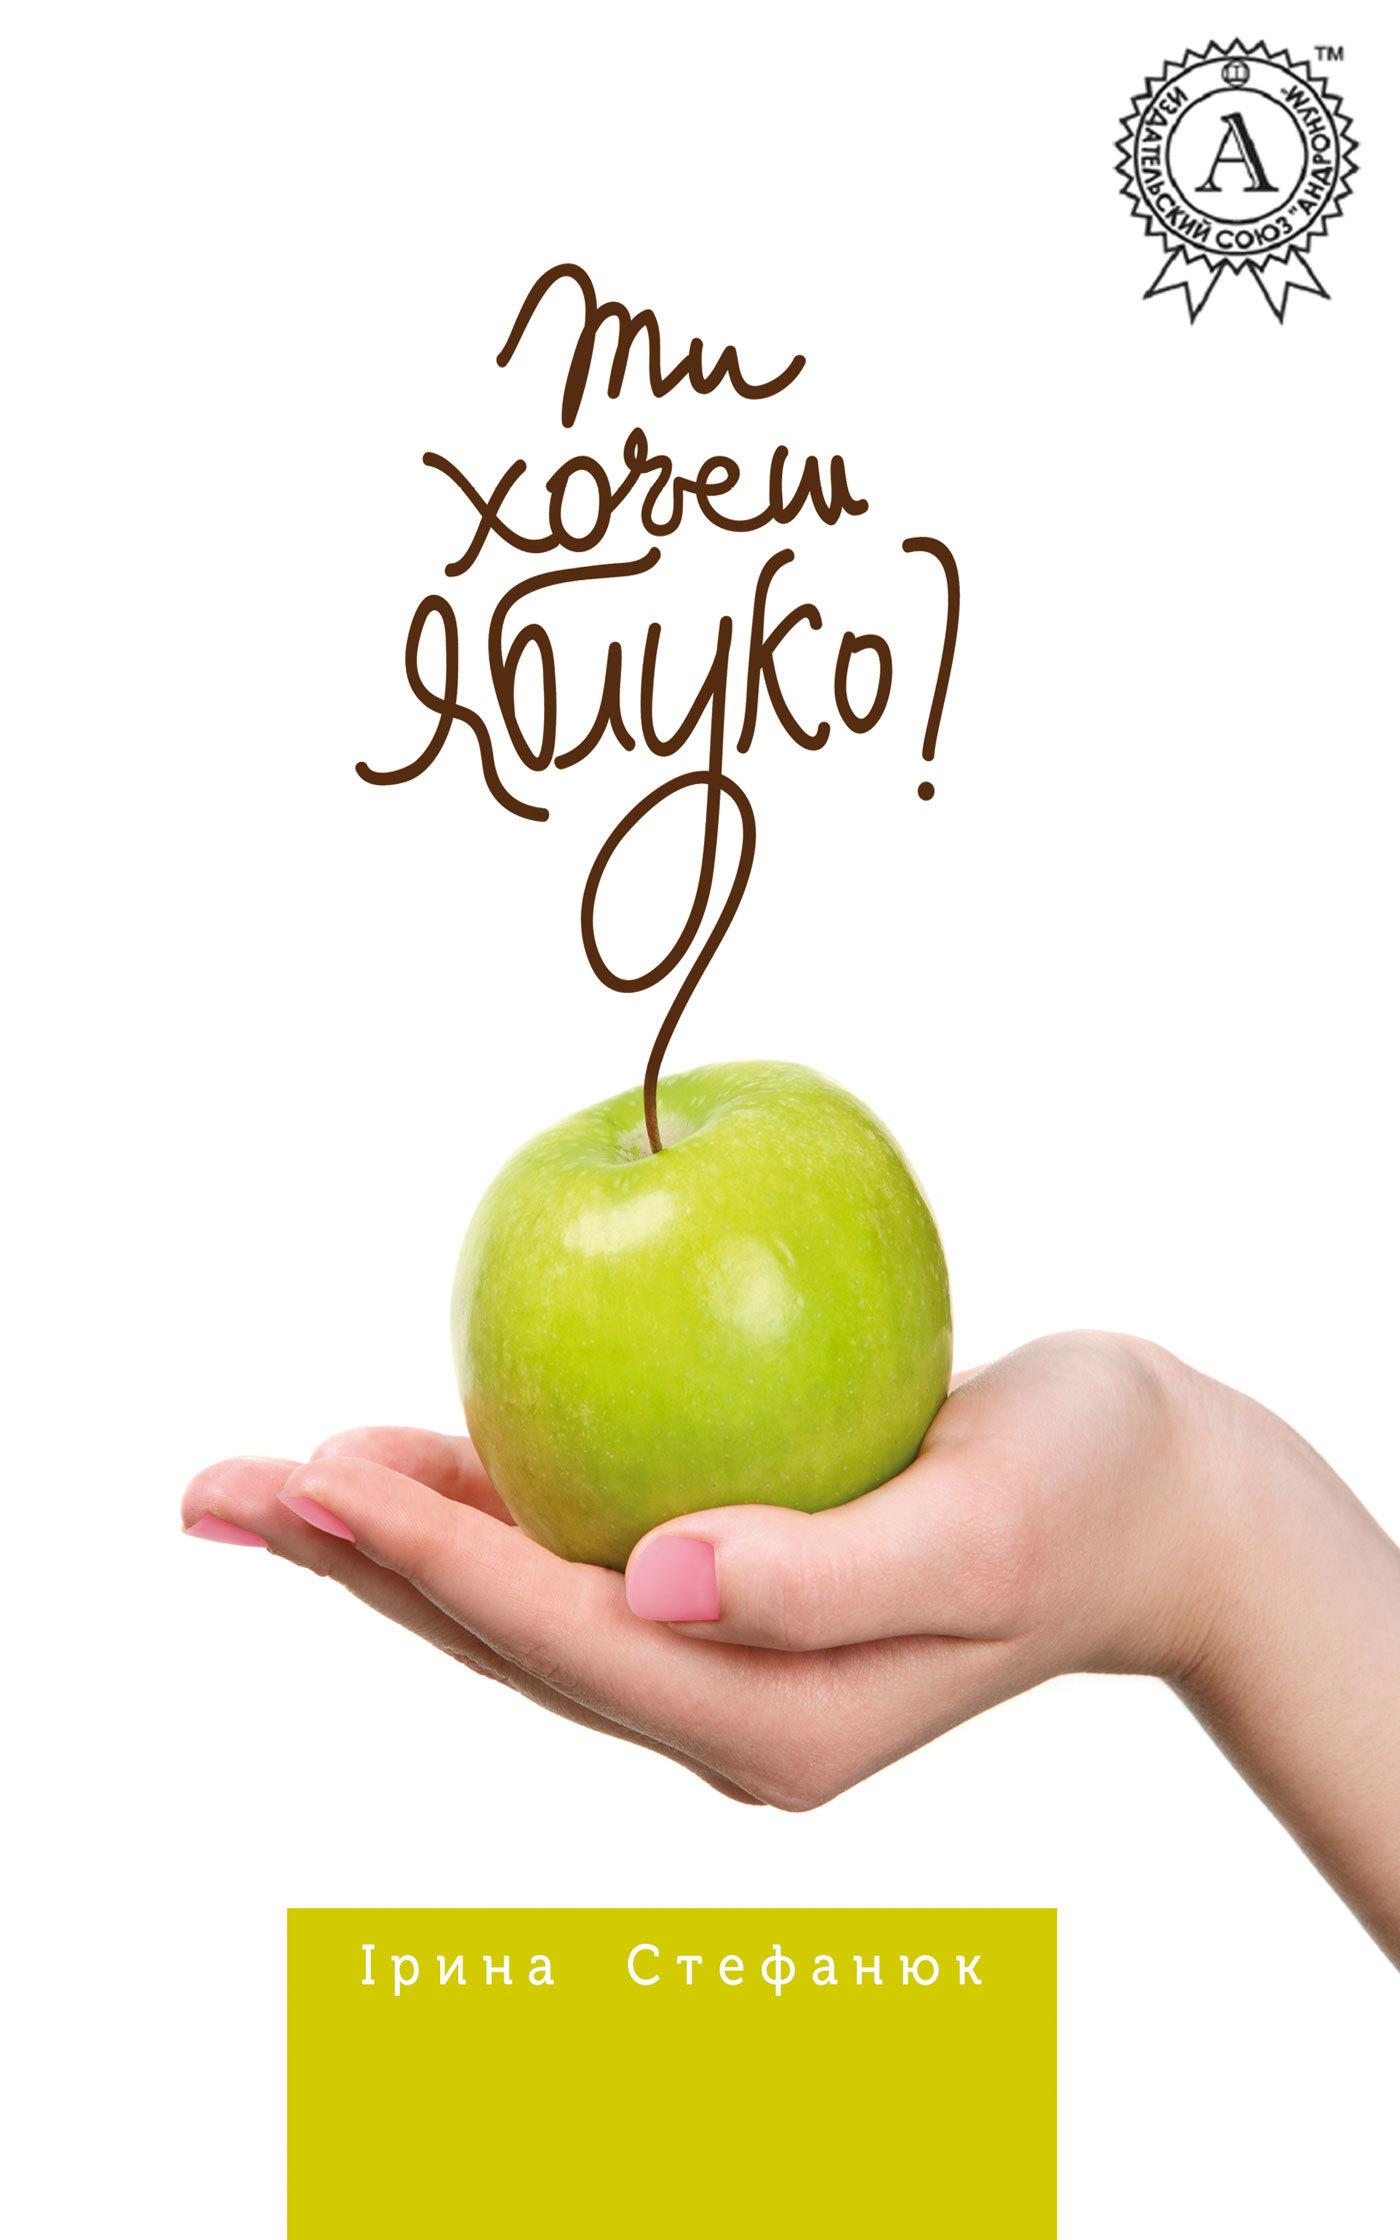 Ірина Стефанюк Ти хочеш яблуко? ірина стефанюк ти хочеш яблуко